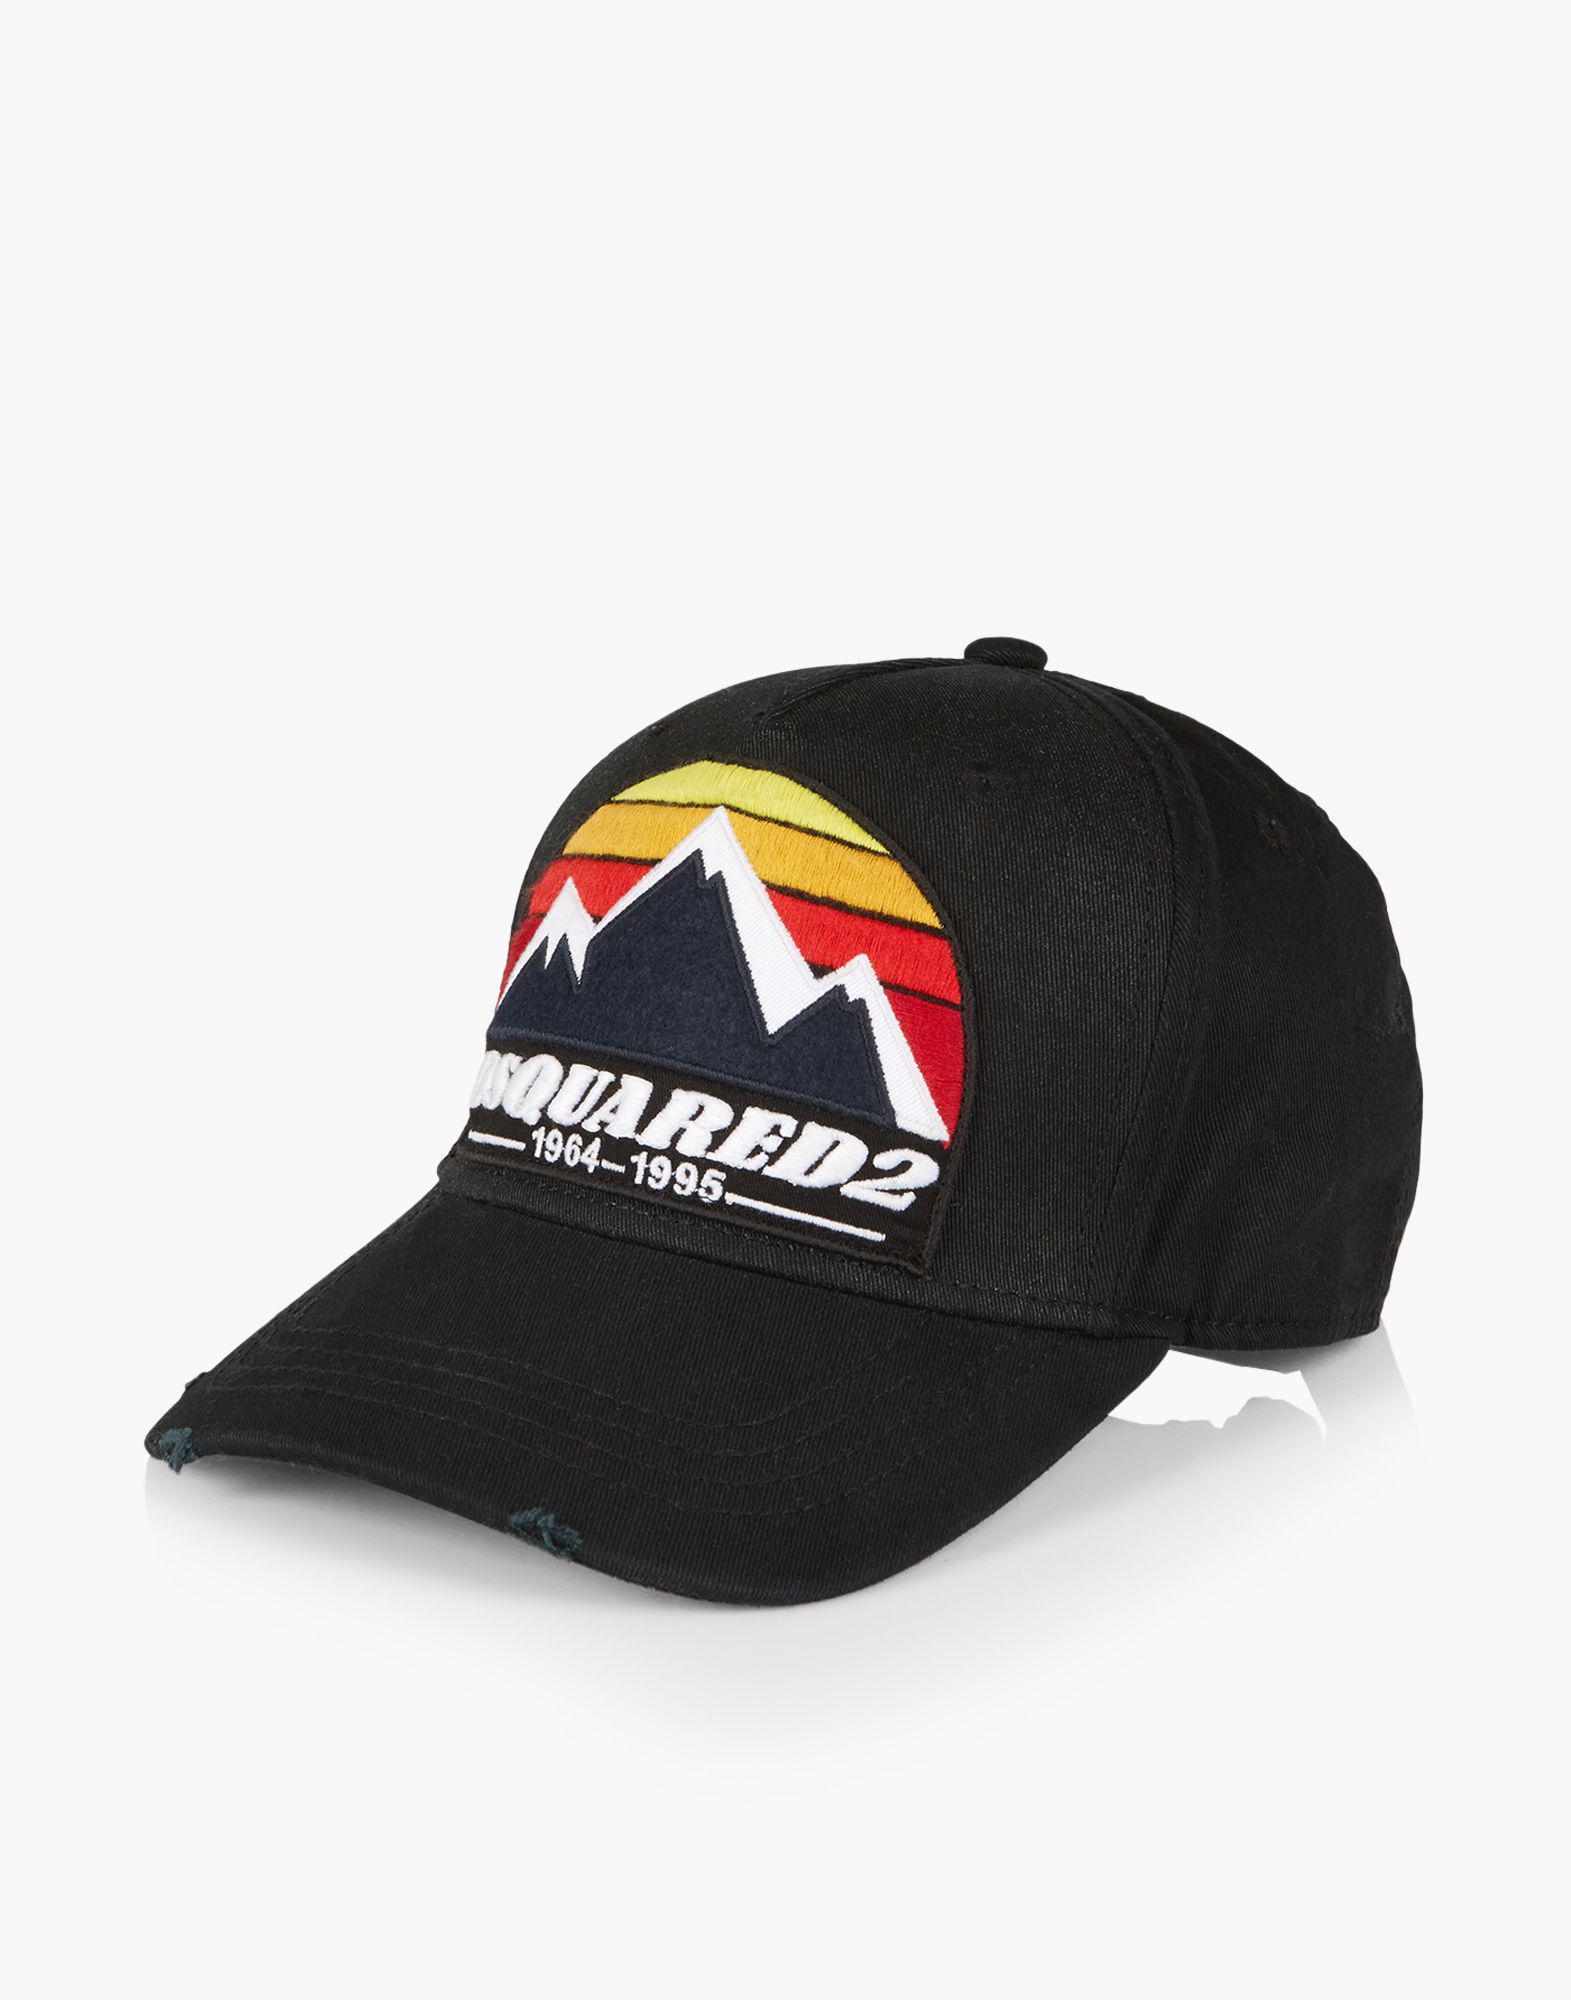 c8c74b46993 DSquared² D2 Mountain Baseball Cap in Black for Men - Lyst